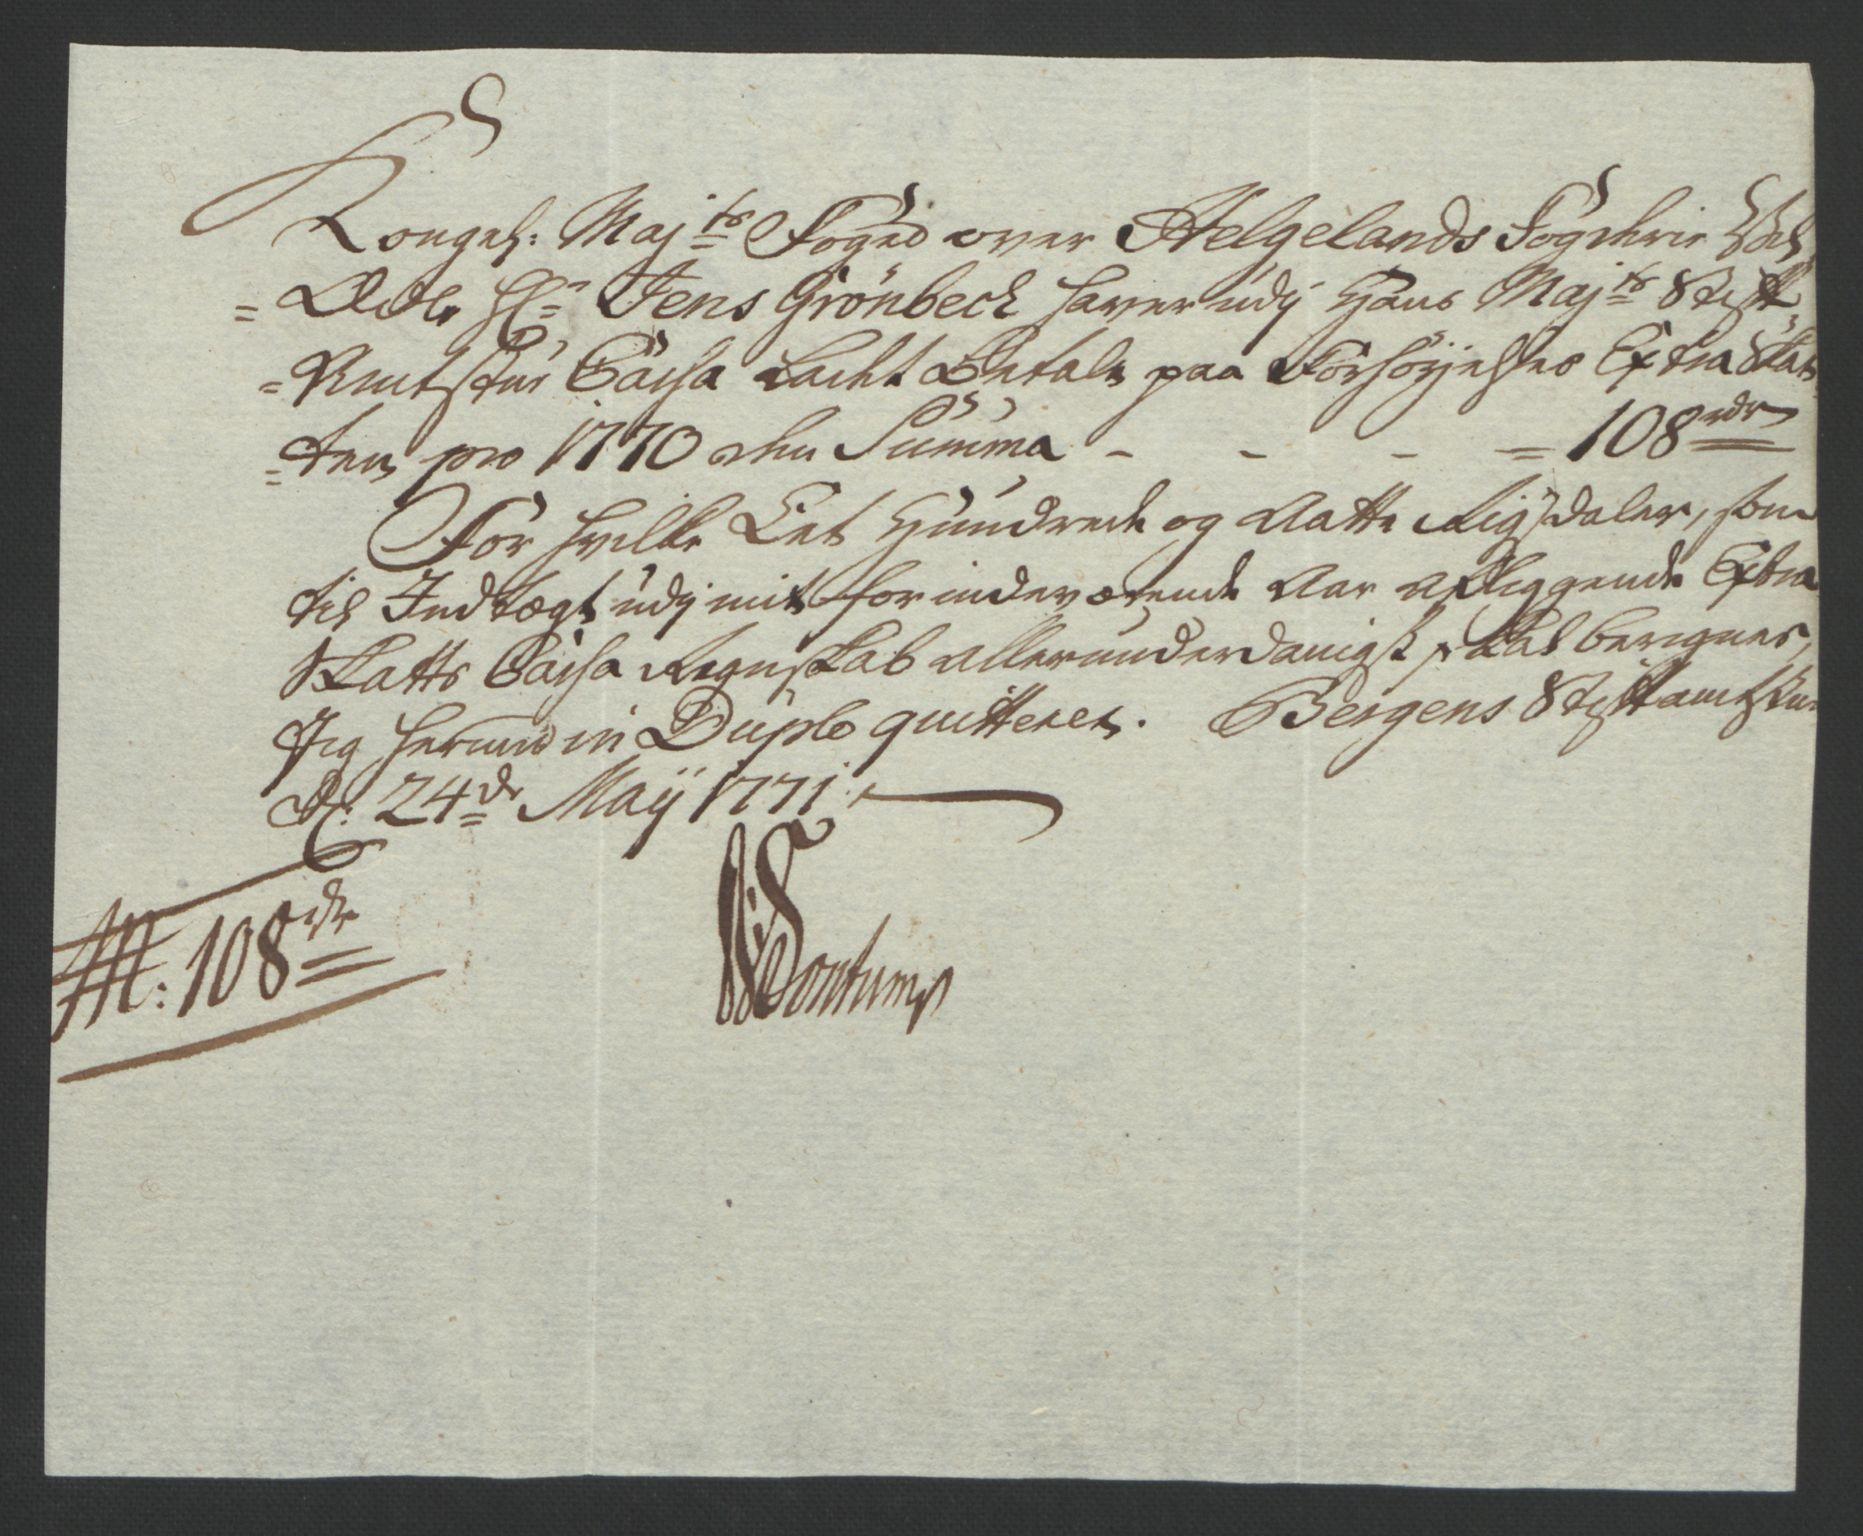 RA, Rentekammeret inntil 1814, Reviderte regnskaper, Fogderegnskap, R65/L4573: Ekstraskatten Helgeland, 1762-1772, s. 363